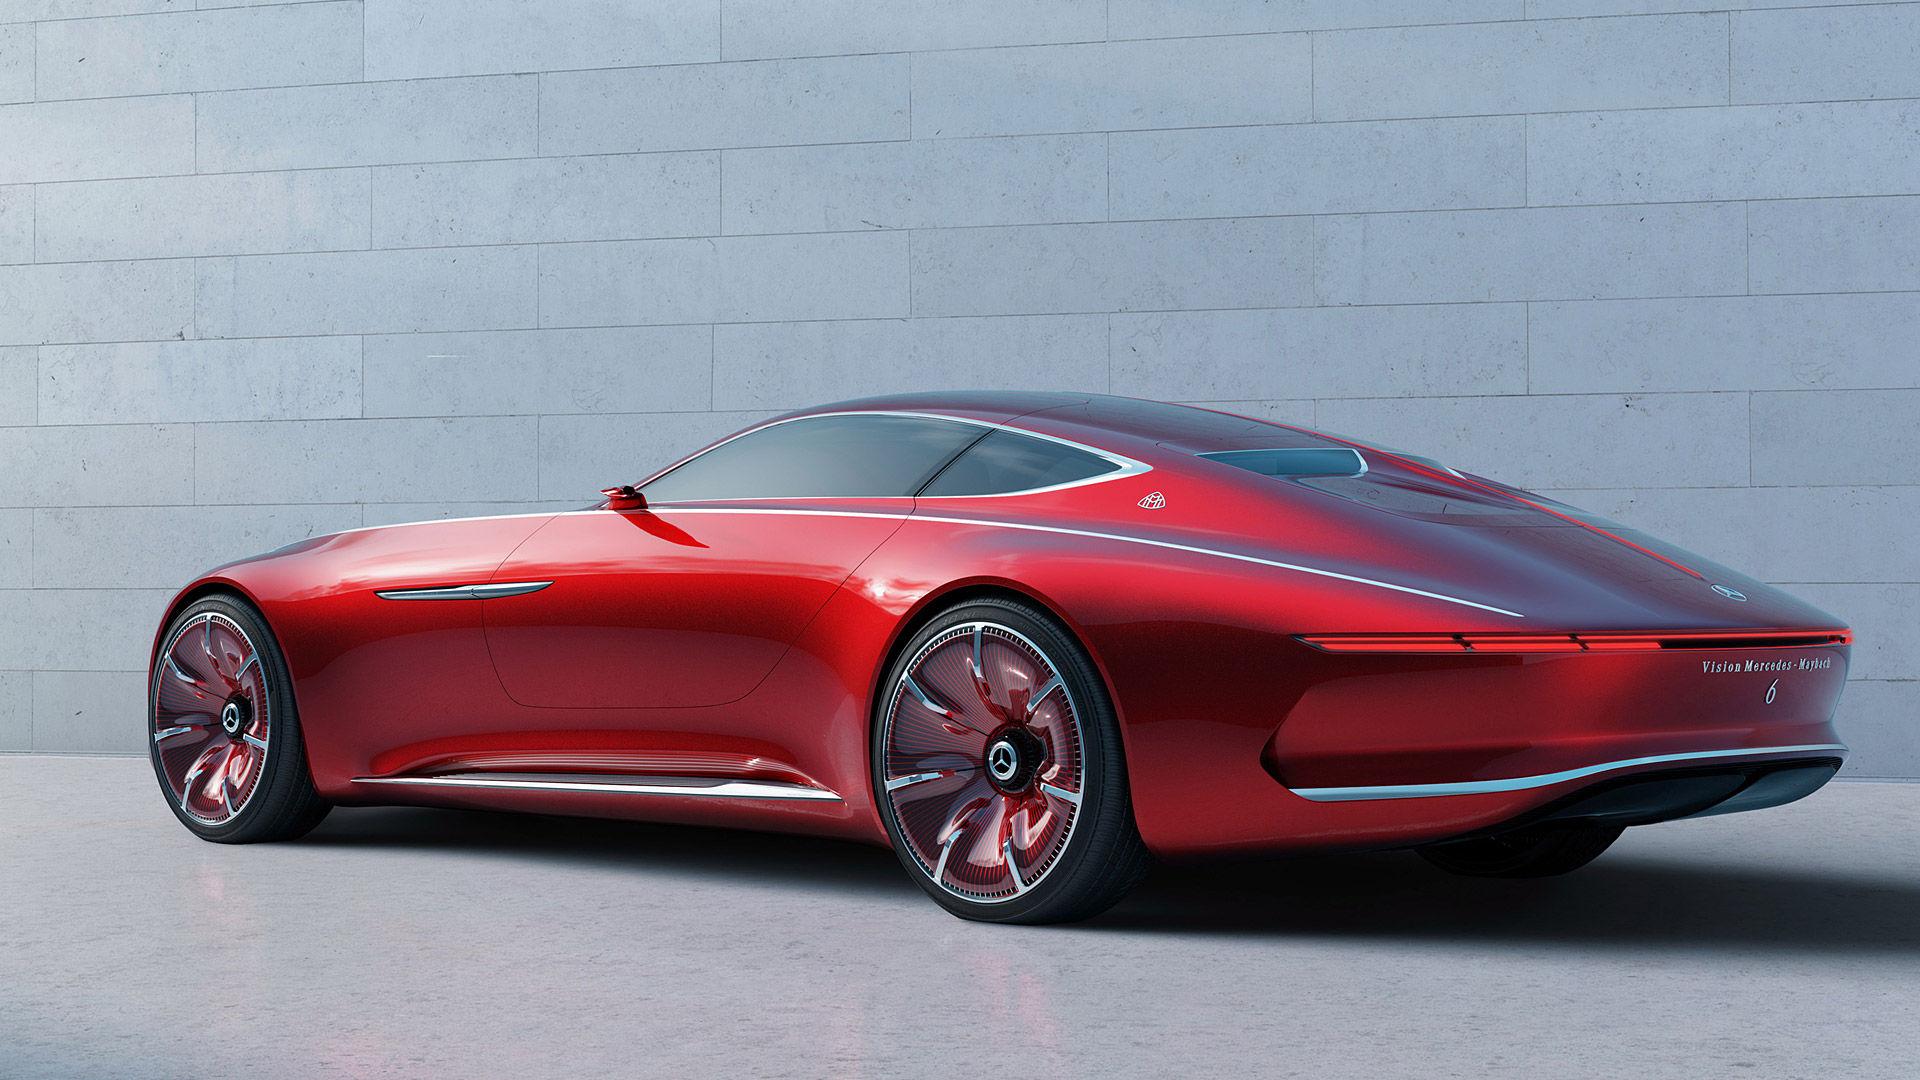 2016 Mercedes-Benz Vision Maybach 6 Concept